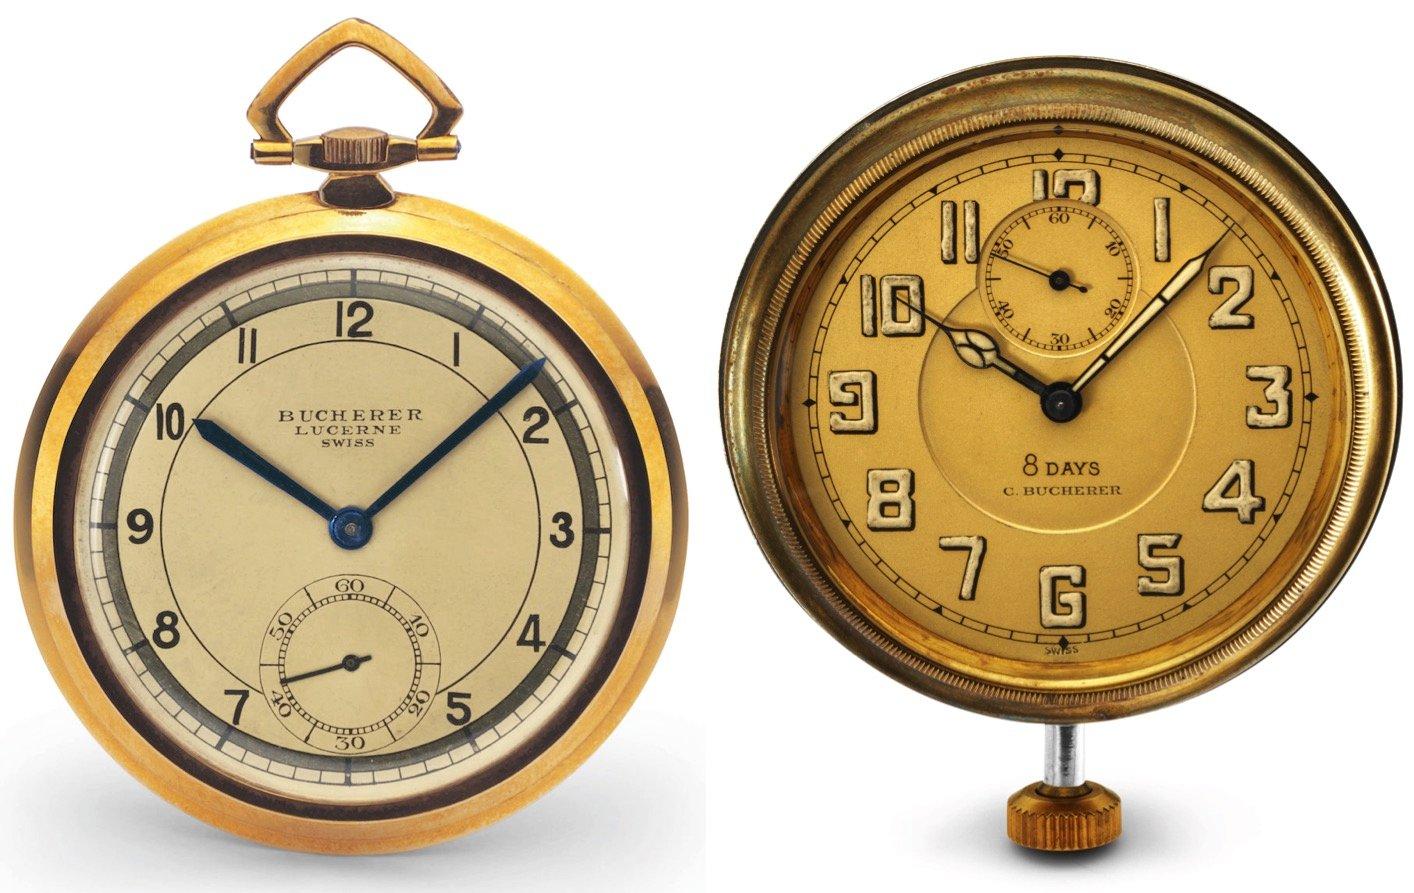 Jeder Herr besass eine Taschenuhr. Rechts ein Modell, das man einmal aufziehen konnte und das dann acht Tage lang tickte.